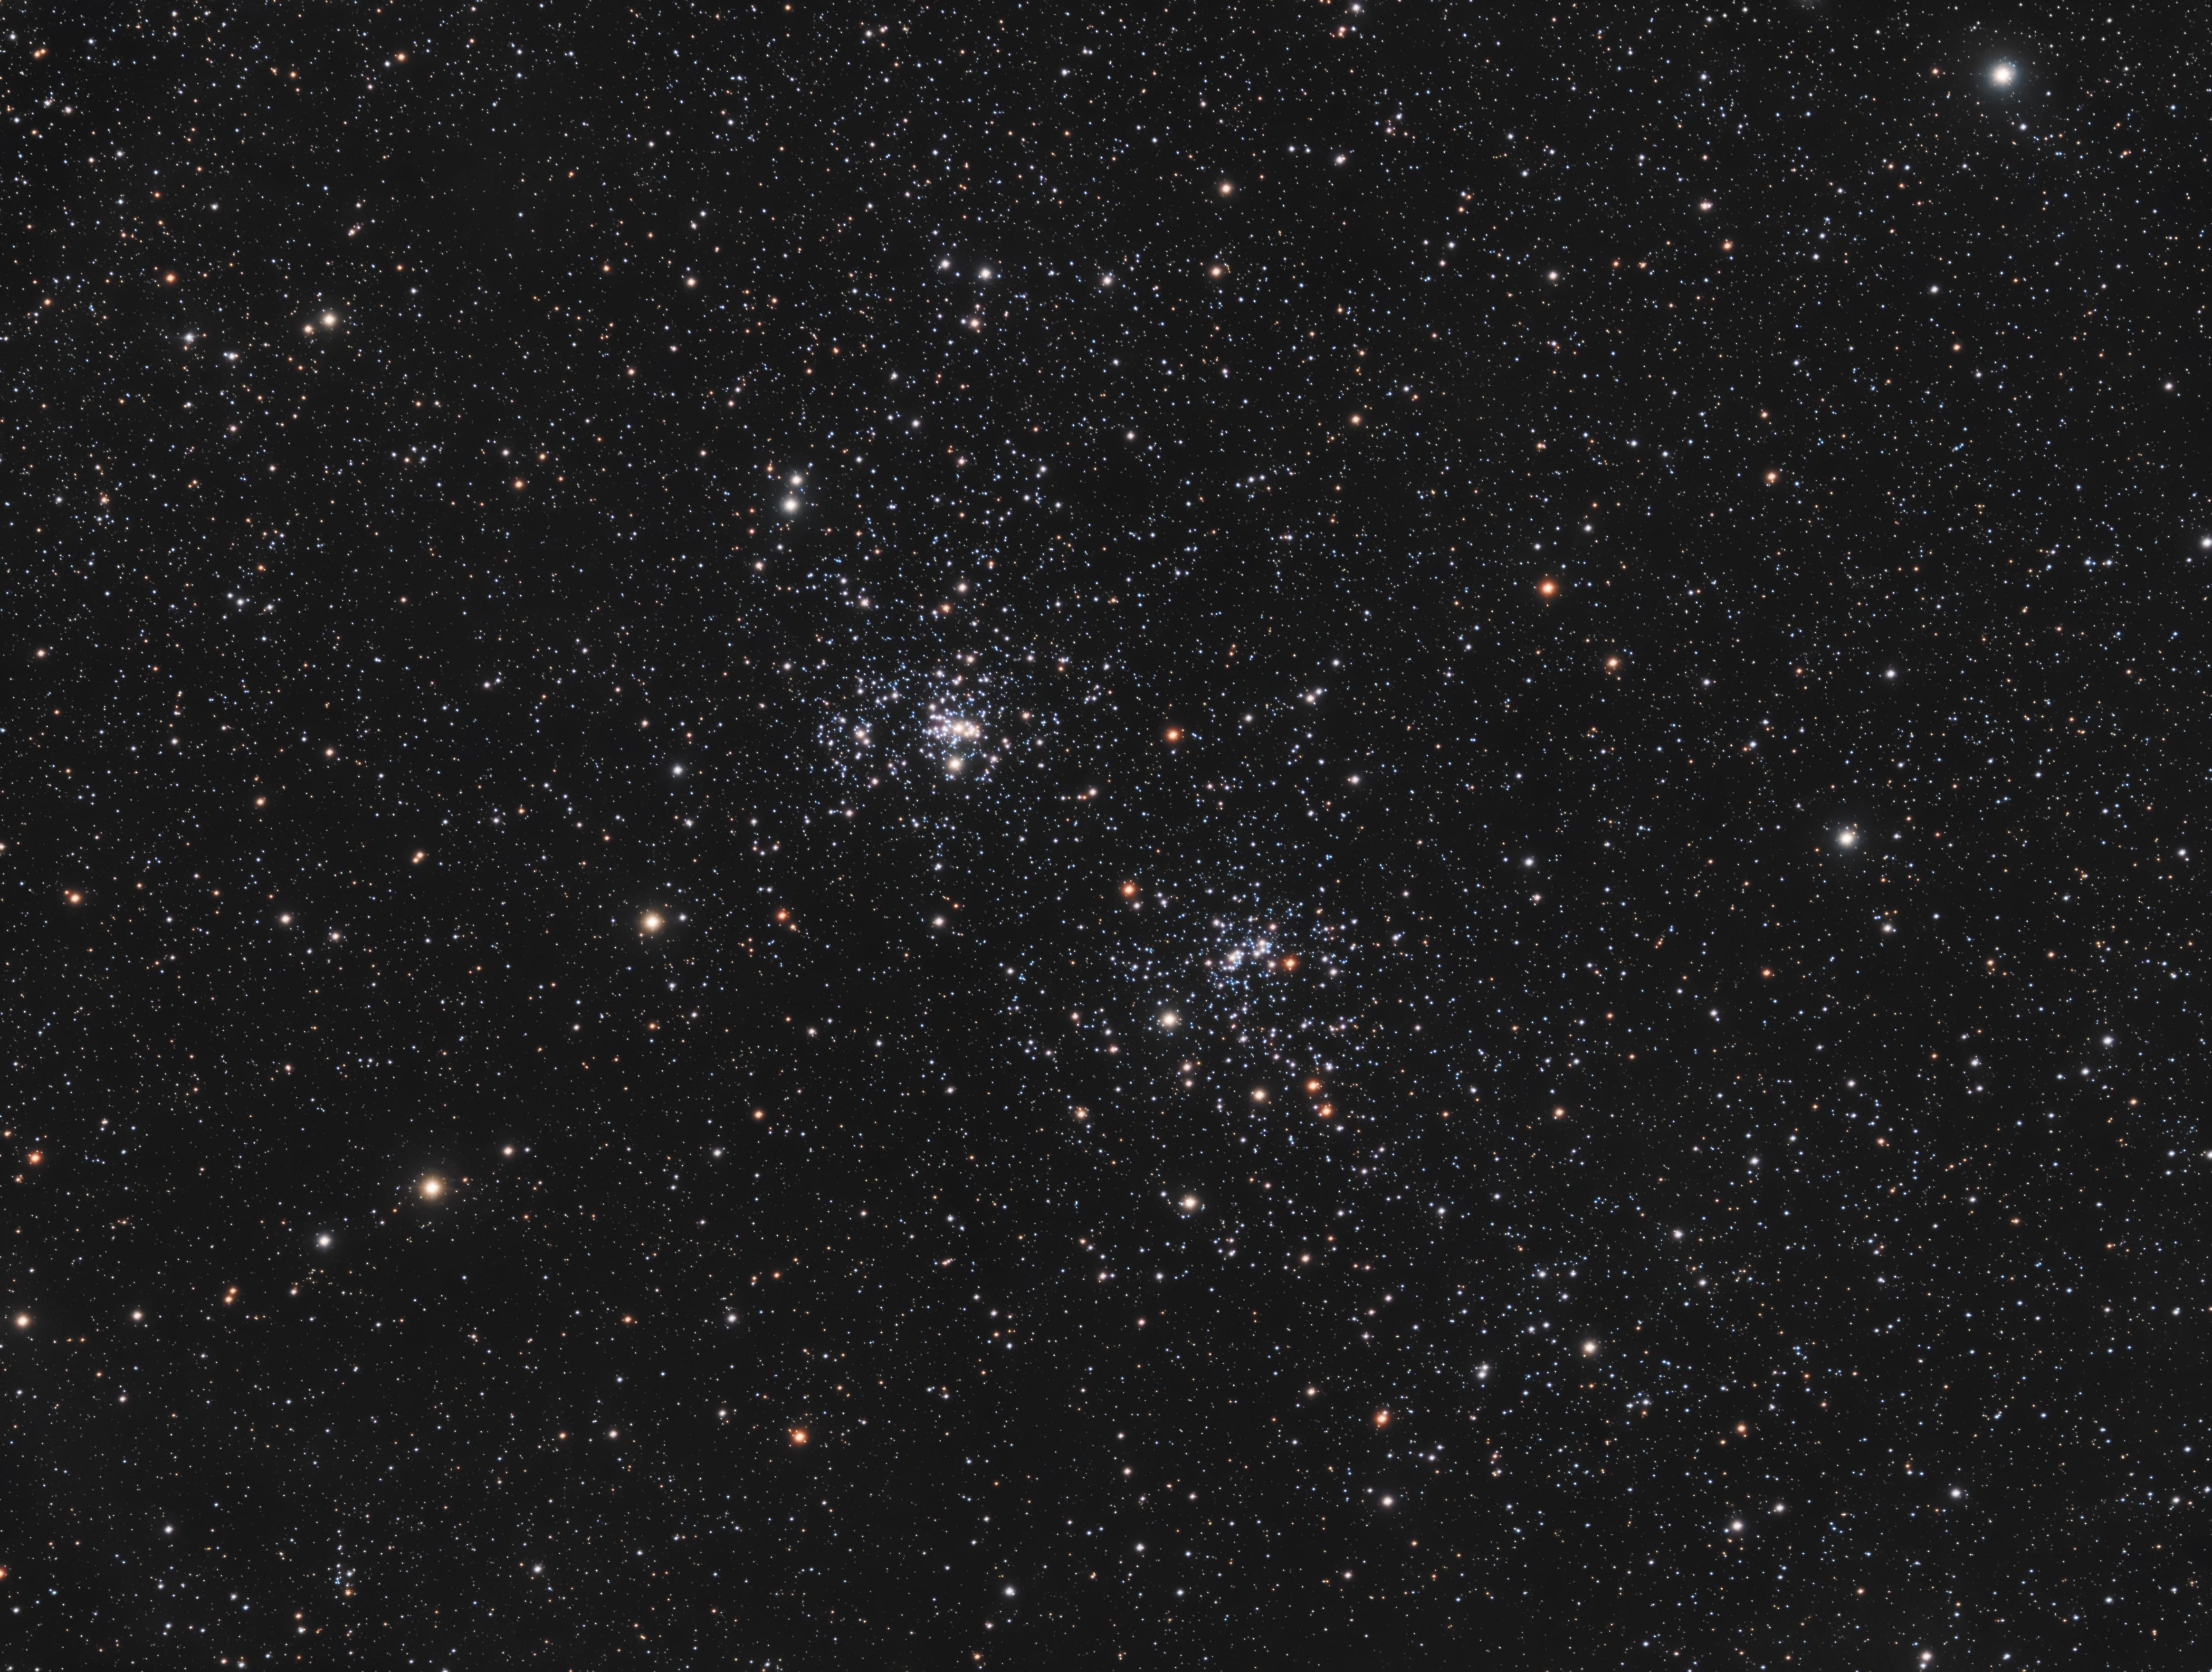 NGC869, NGC884 - Double Cluster